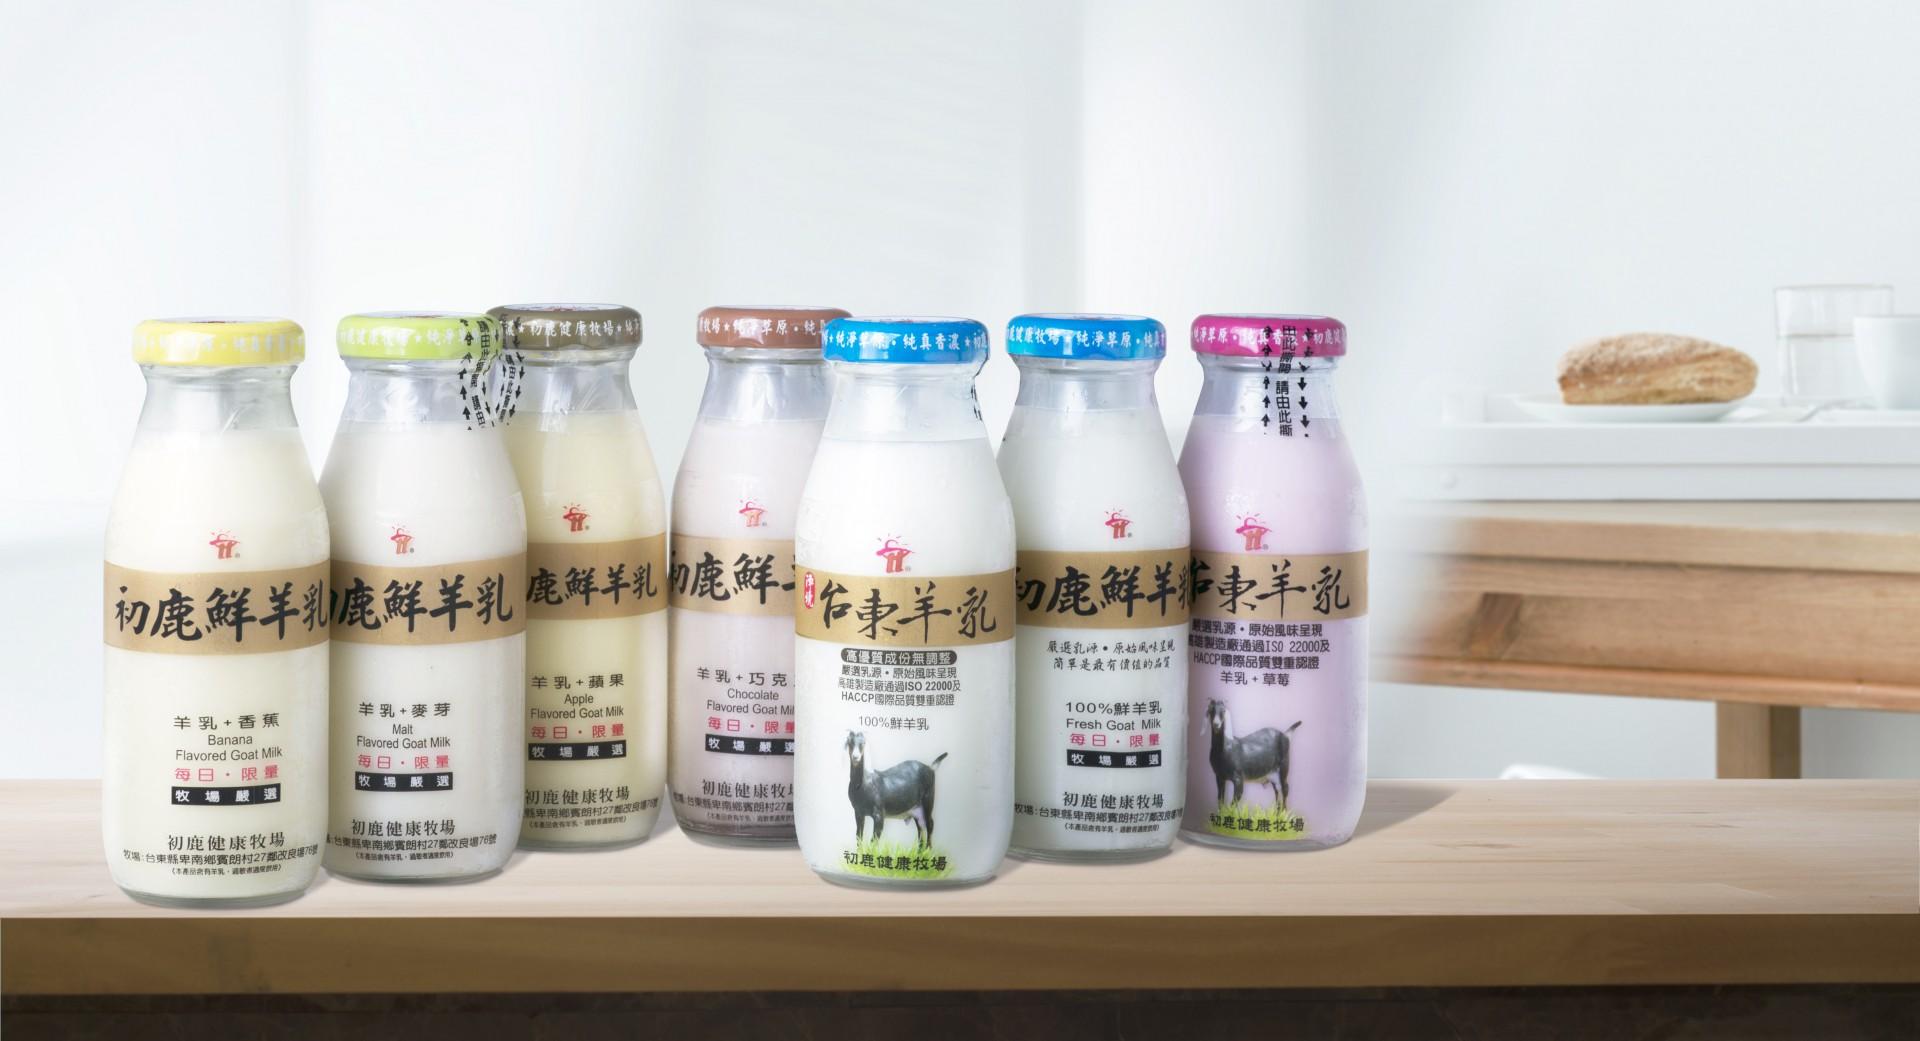 淨境調味羊乳系列